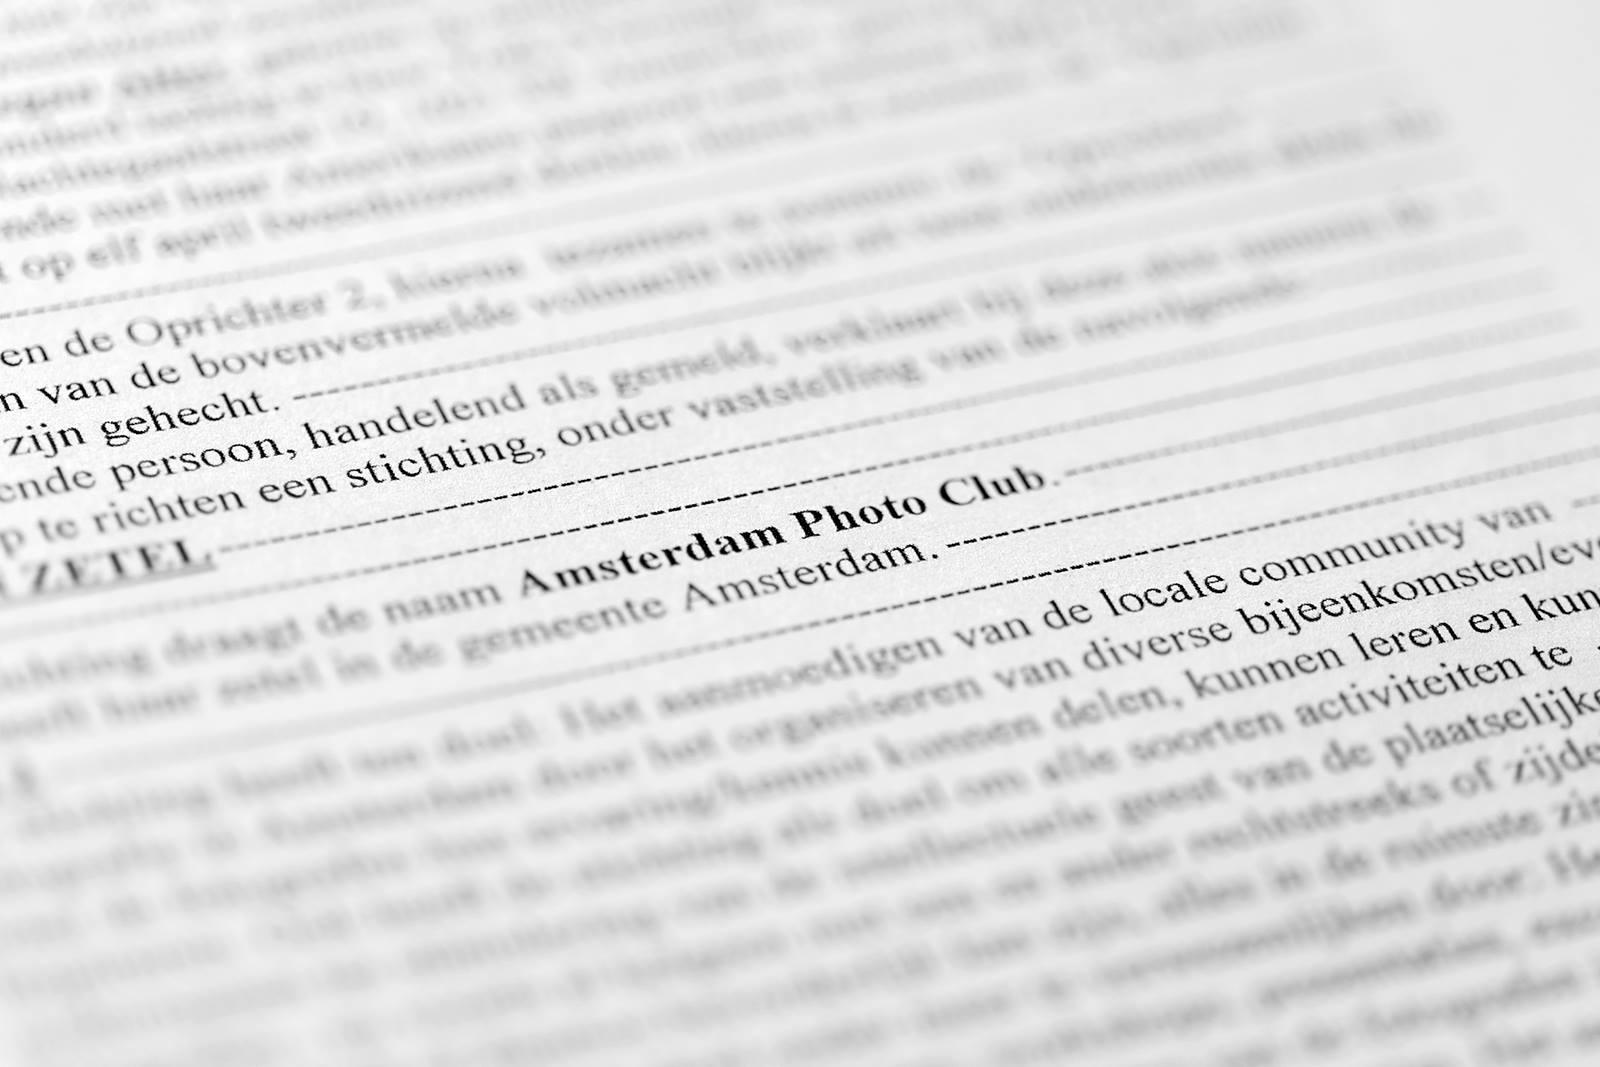 Amsterdam Photo Club Foundation